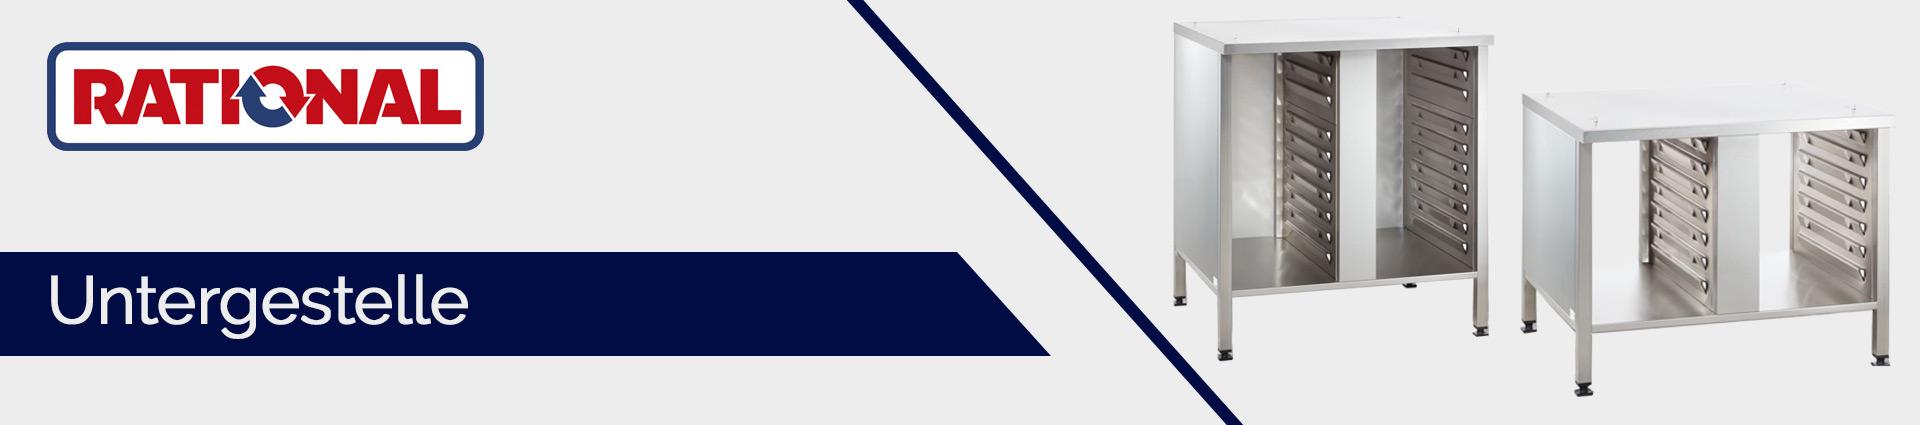 Rational Untergestelle und Unterschränke Banner